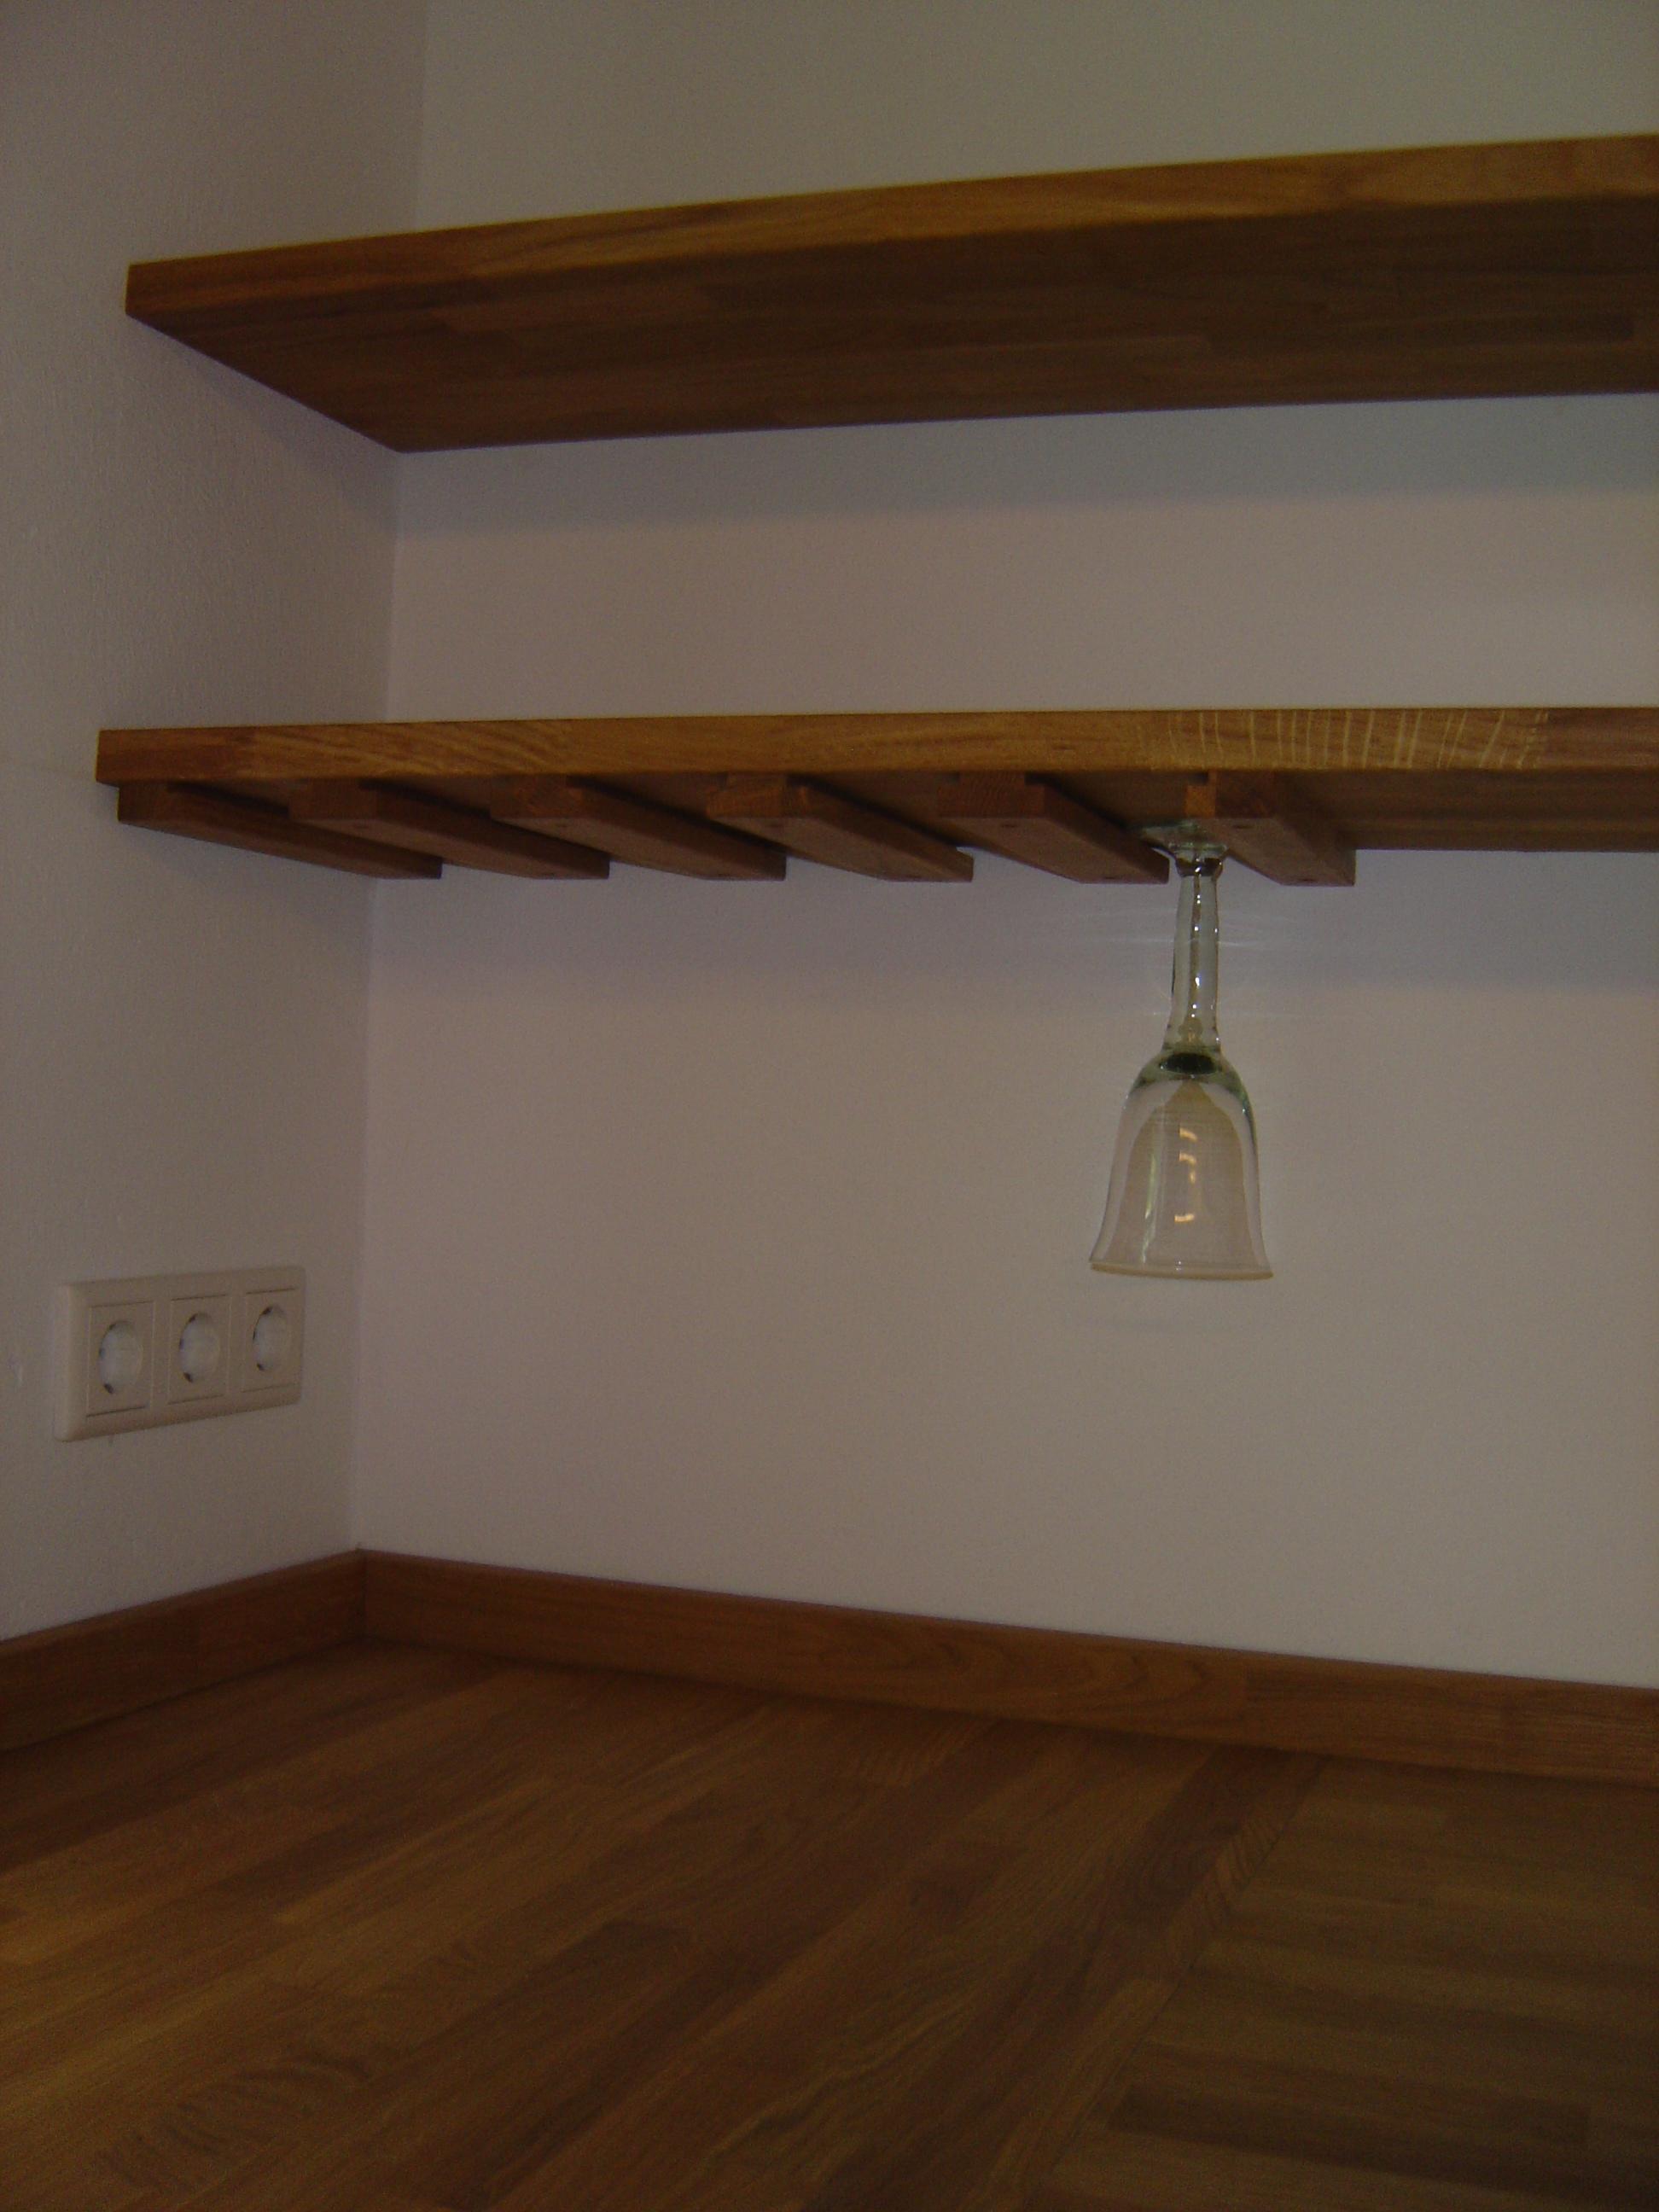 Küche rustikal mit Board mit Halterung für Gläser